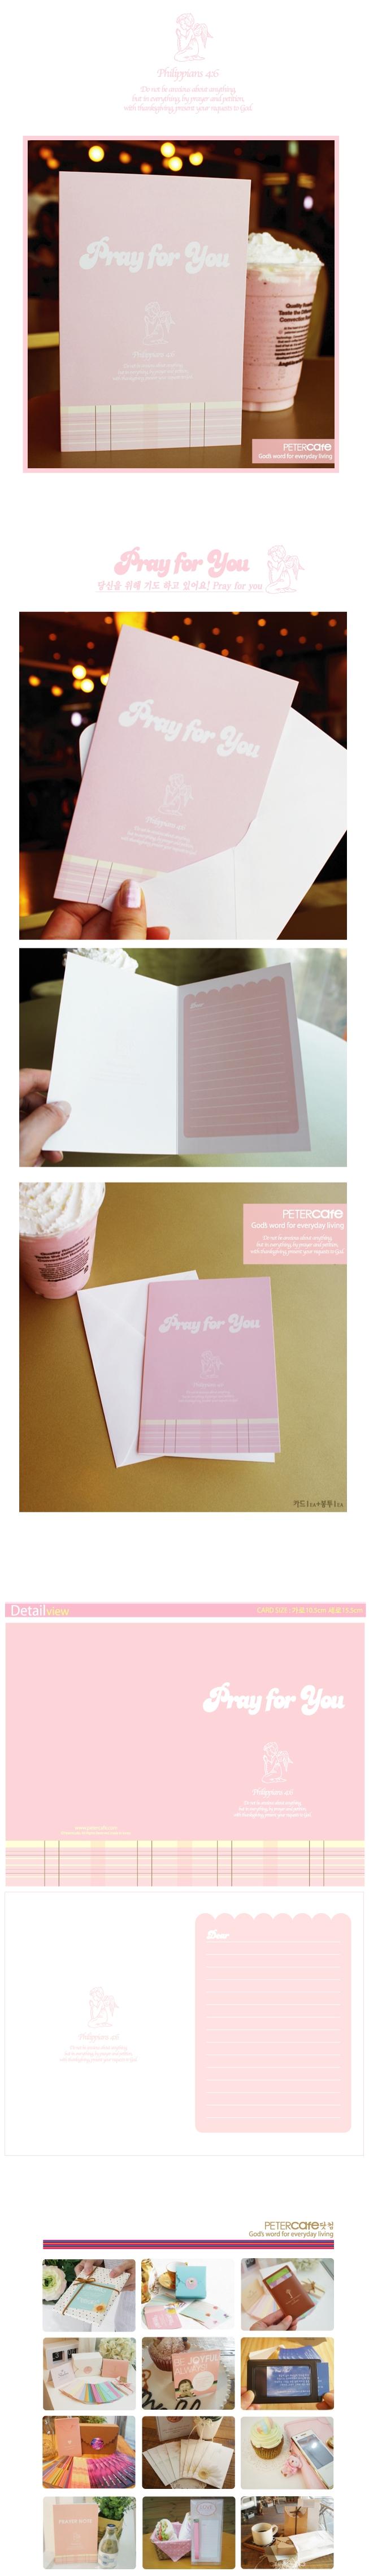 엔젤 기도카드-핑크 - 피터스튜디오, 1,300원, 카드, 디자인 카드